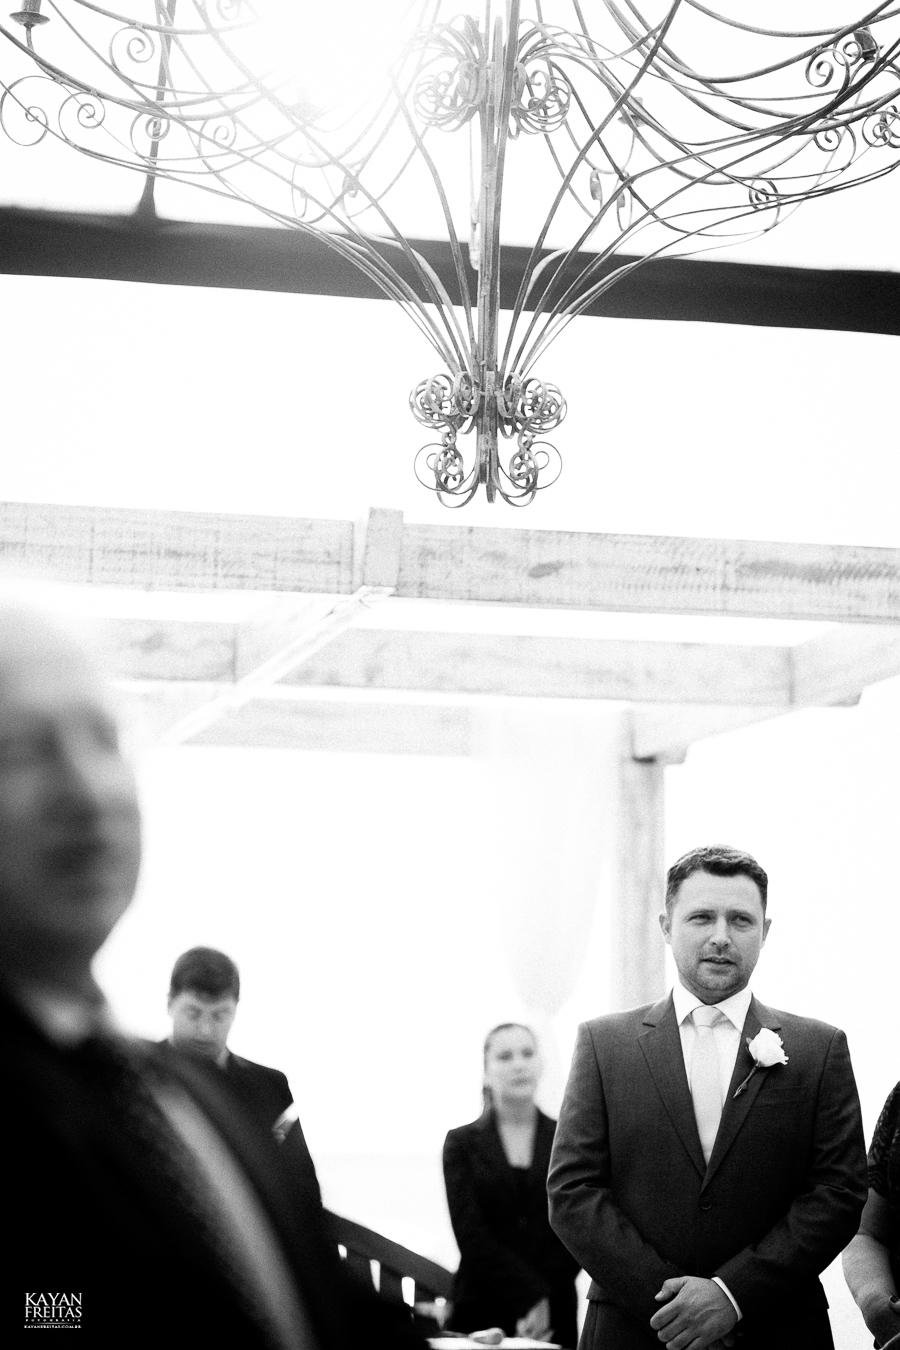 fotografo-casamento-florianopolis-jeg-0052